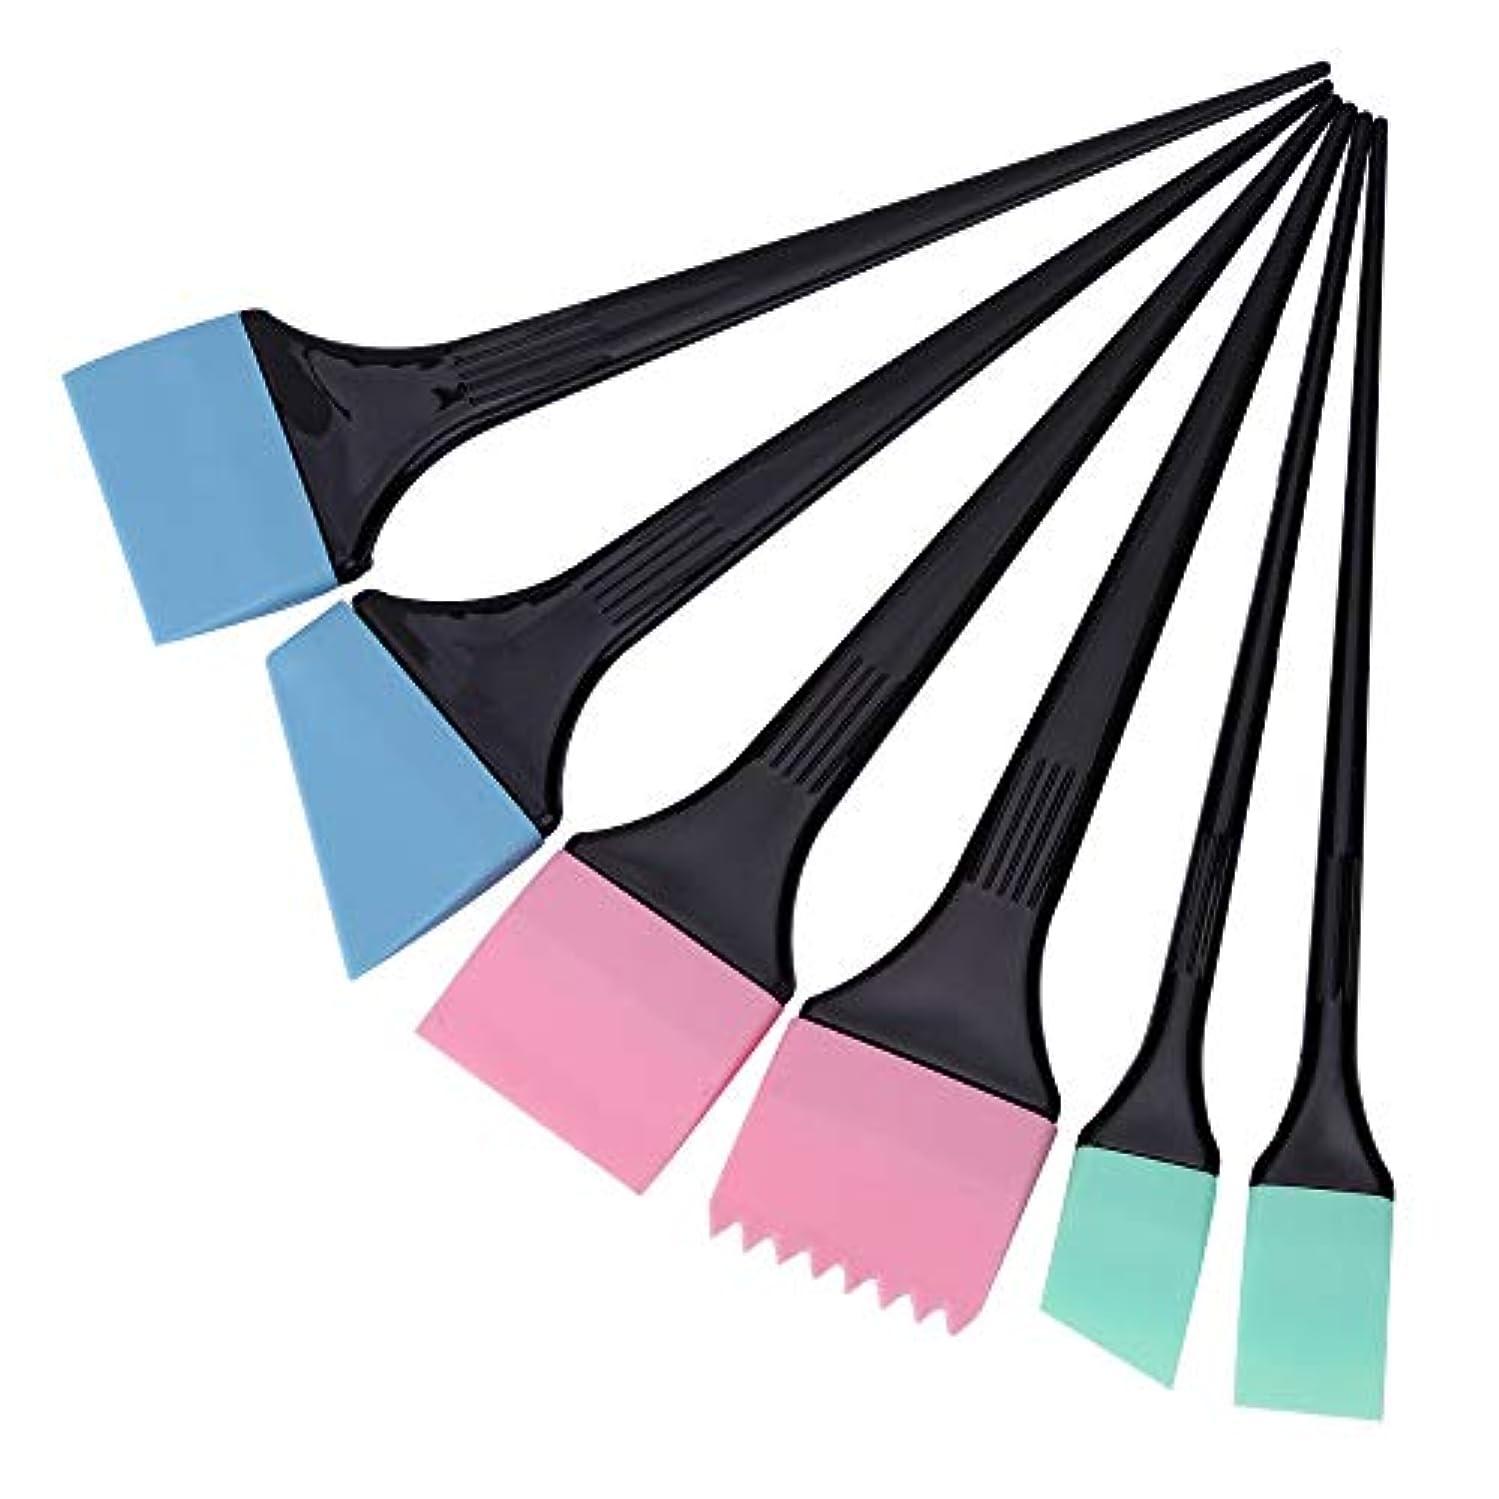 キャッシュセンチメートルイタリアのヘアダイコーム&ブラシ 毛染めブラシ 6本/セット 着色櫛キット プロサロン 理髪スタイリングツール へアカラーセット グリーン